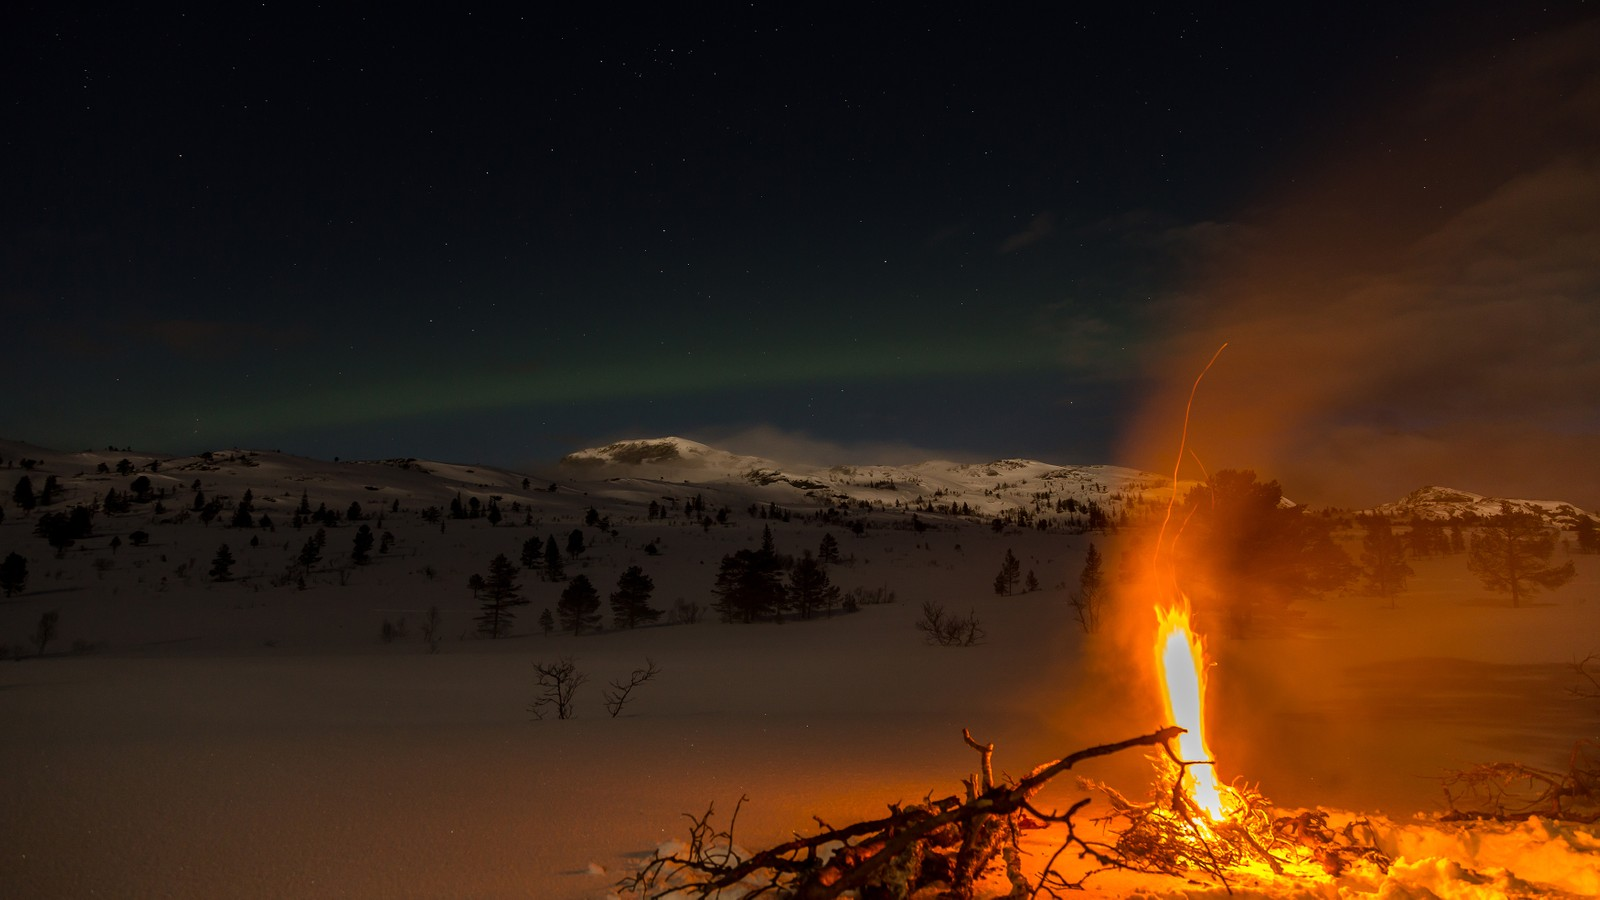 Stjerner, nordlys, måneskinn og bålstemning ved Høgkneppen i Meldal